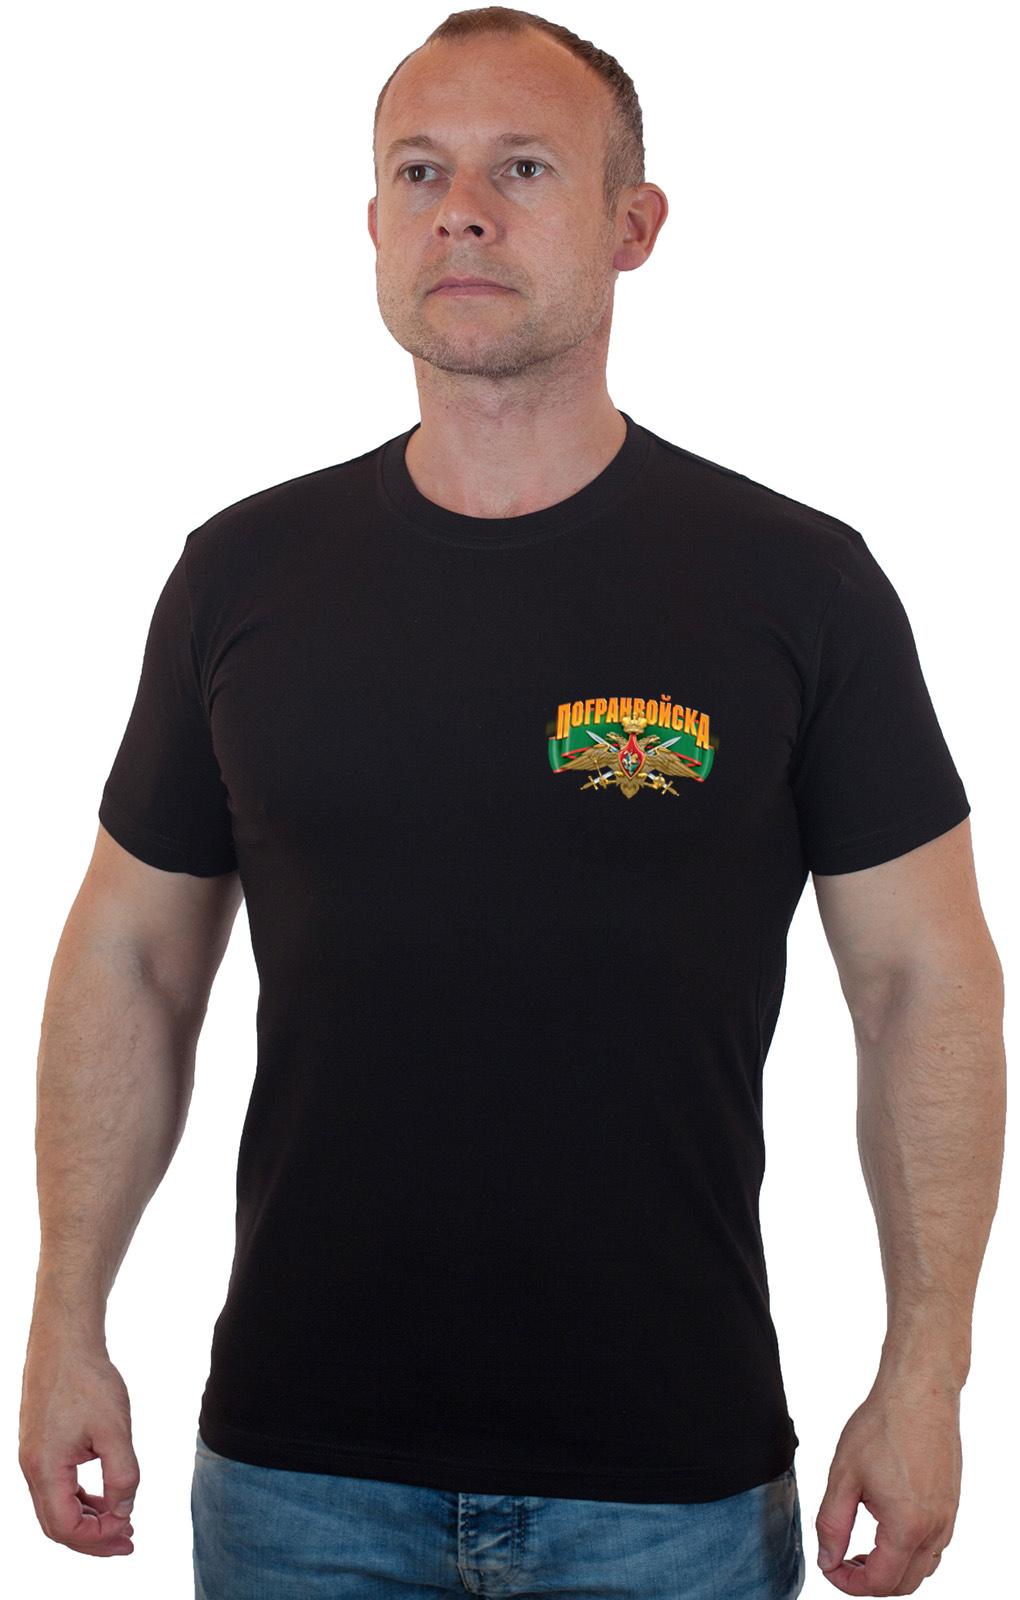 Мужские военные футболки Погранвойска – хлопок, все размеры, быстрая доставка